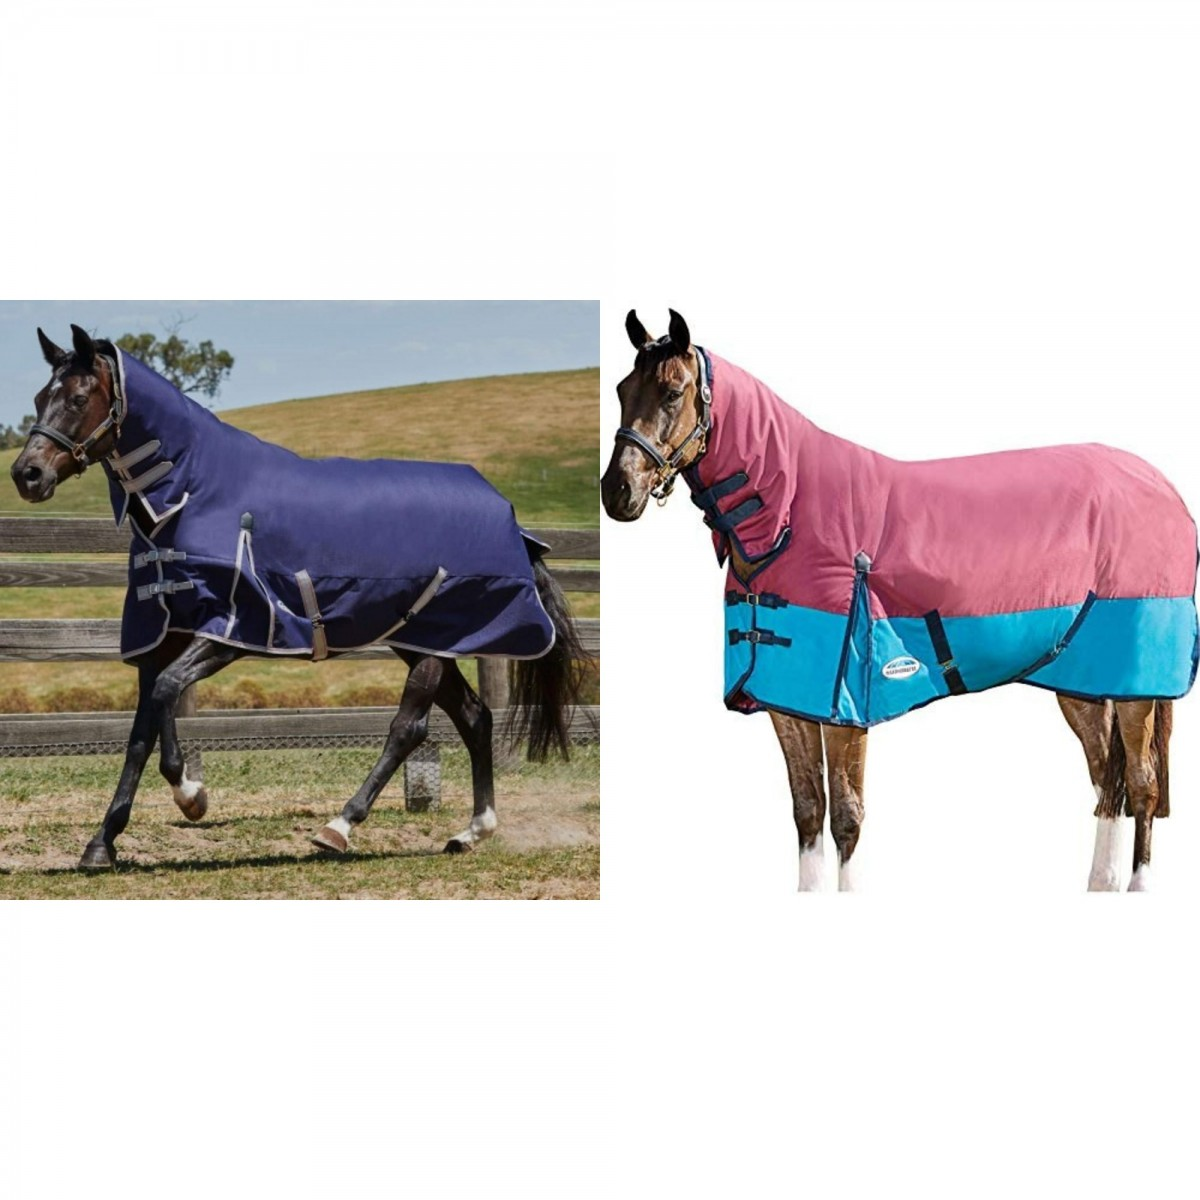 (ウェザビータ) Weatherbeeta 馬用 Comfitec ヘビー エッセンシャル コンボ ネックカバー付き ターンアウトラグ 馬着 ホースライディング 【海外直送】